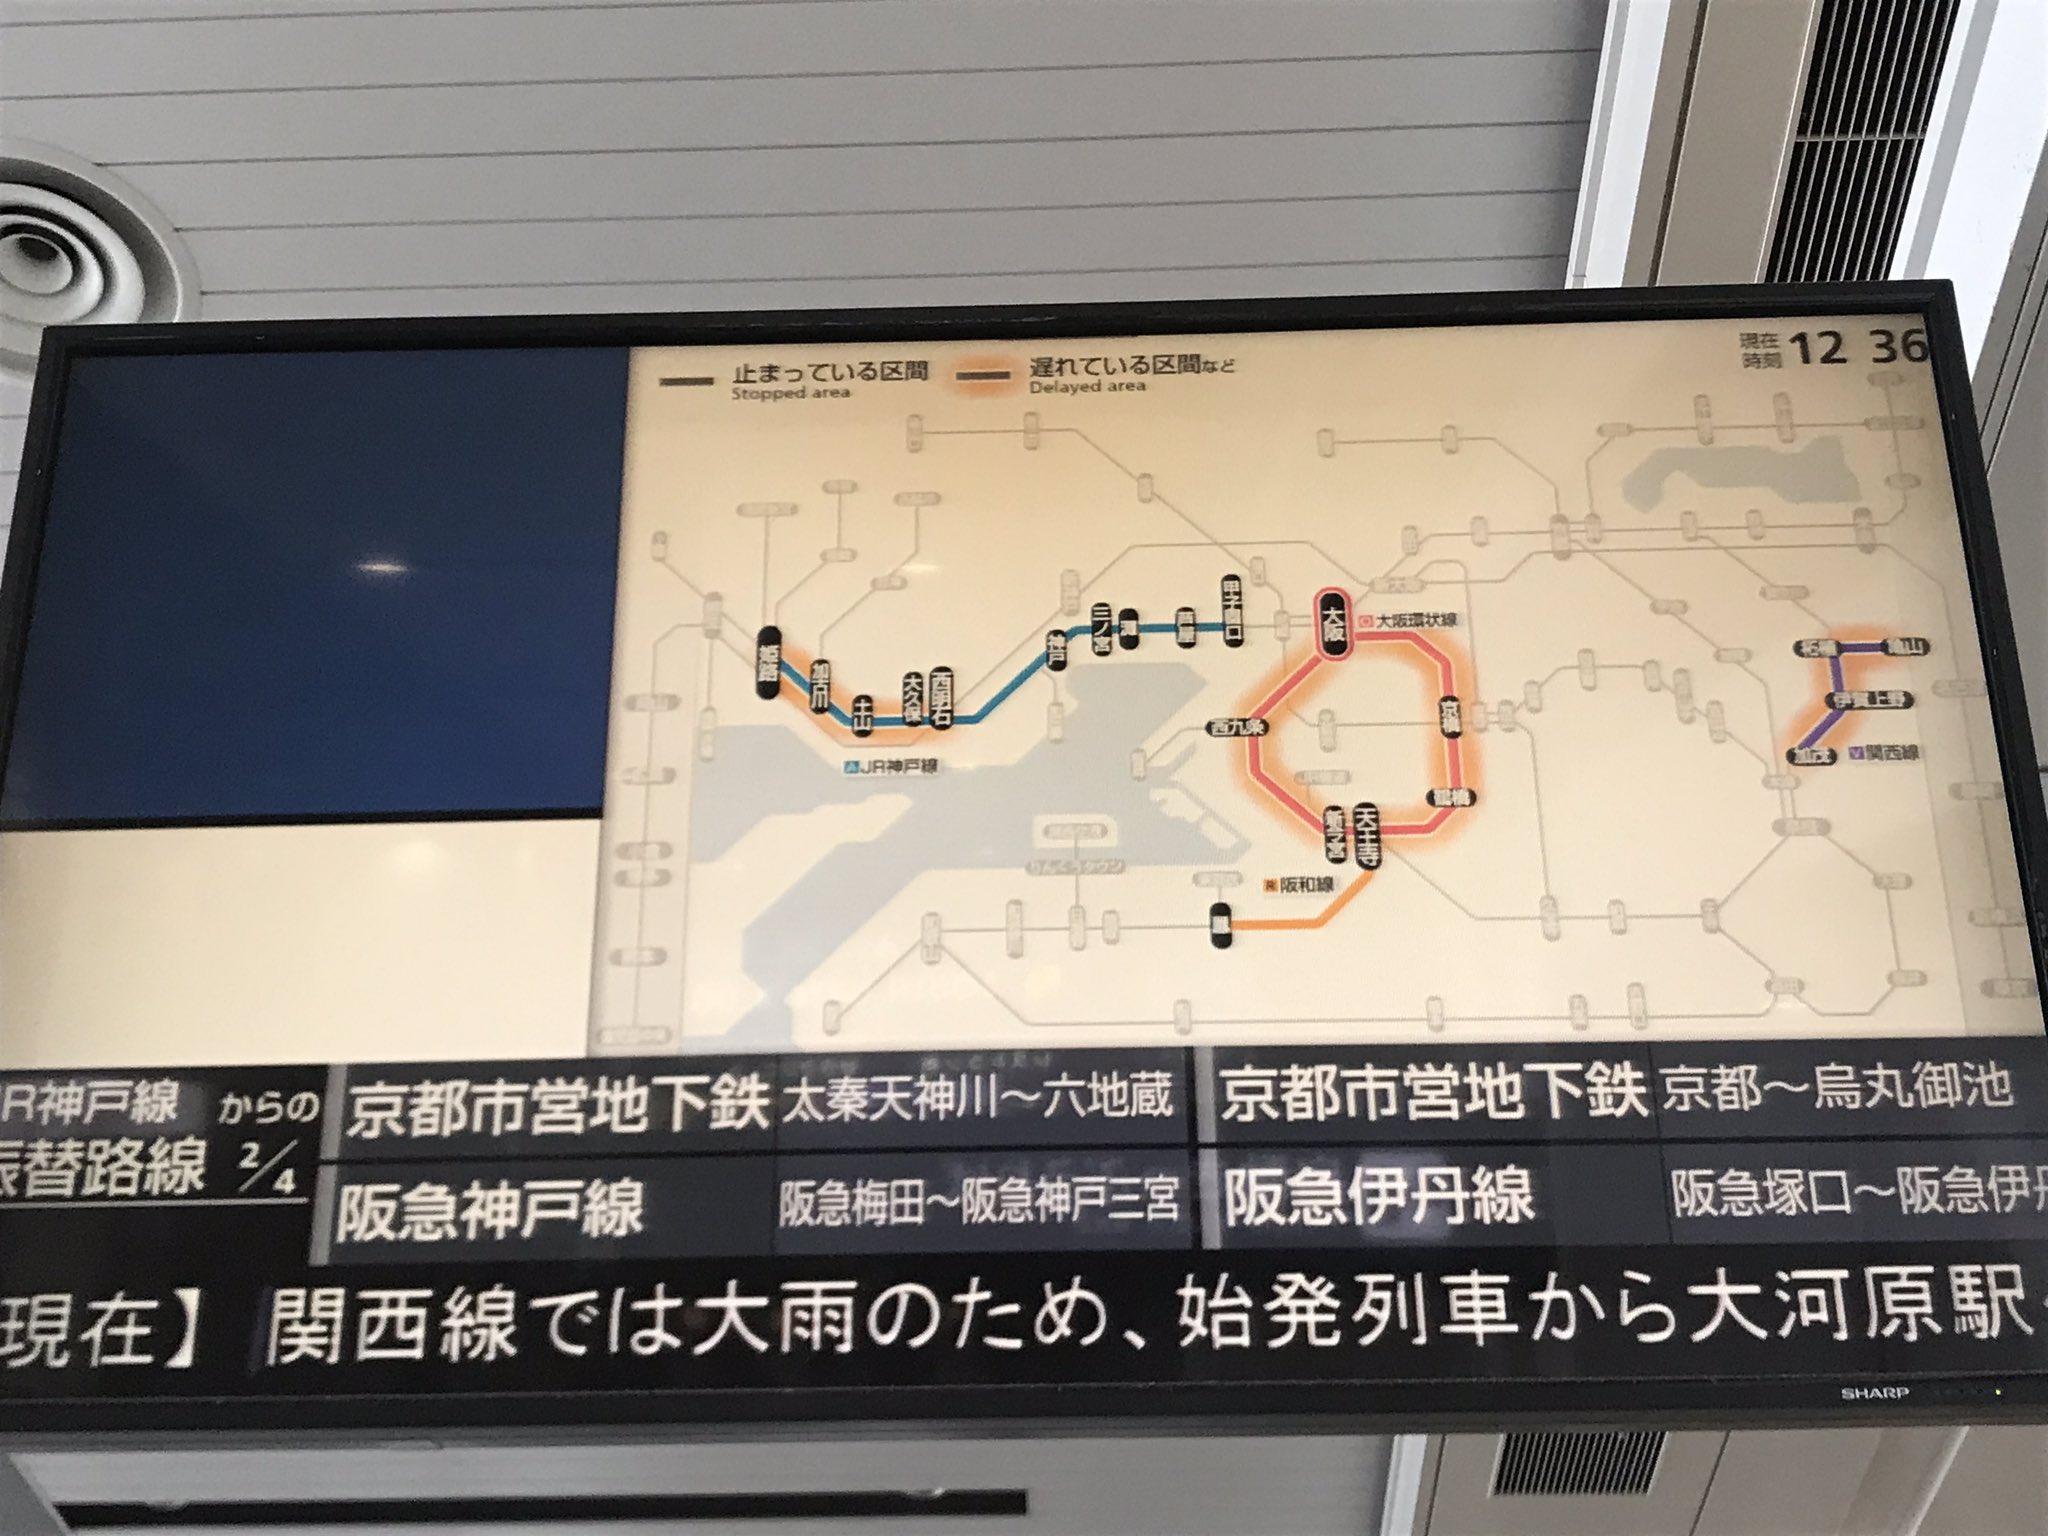 画像,神戸線がアカンのやったら南海方面でも行こかしらと思たら環状線もあかんがな🚃 https://t.co/rw51pwQZxT…